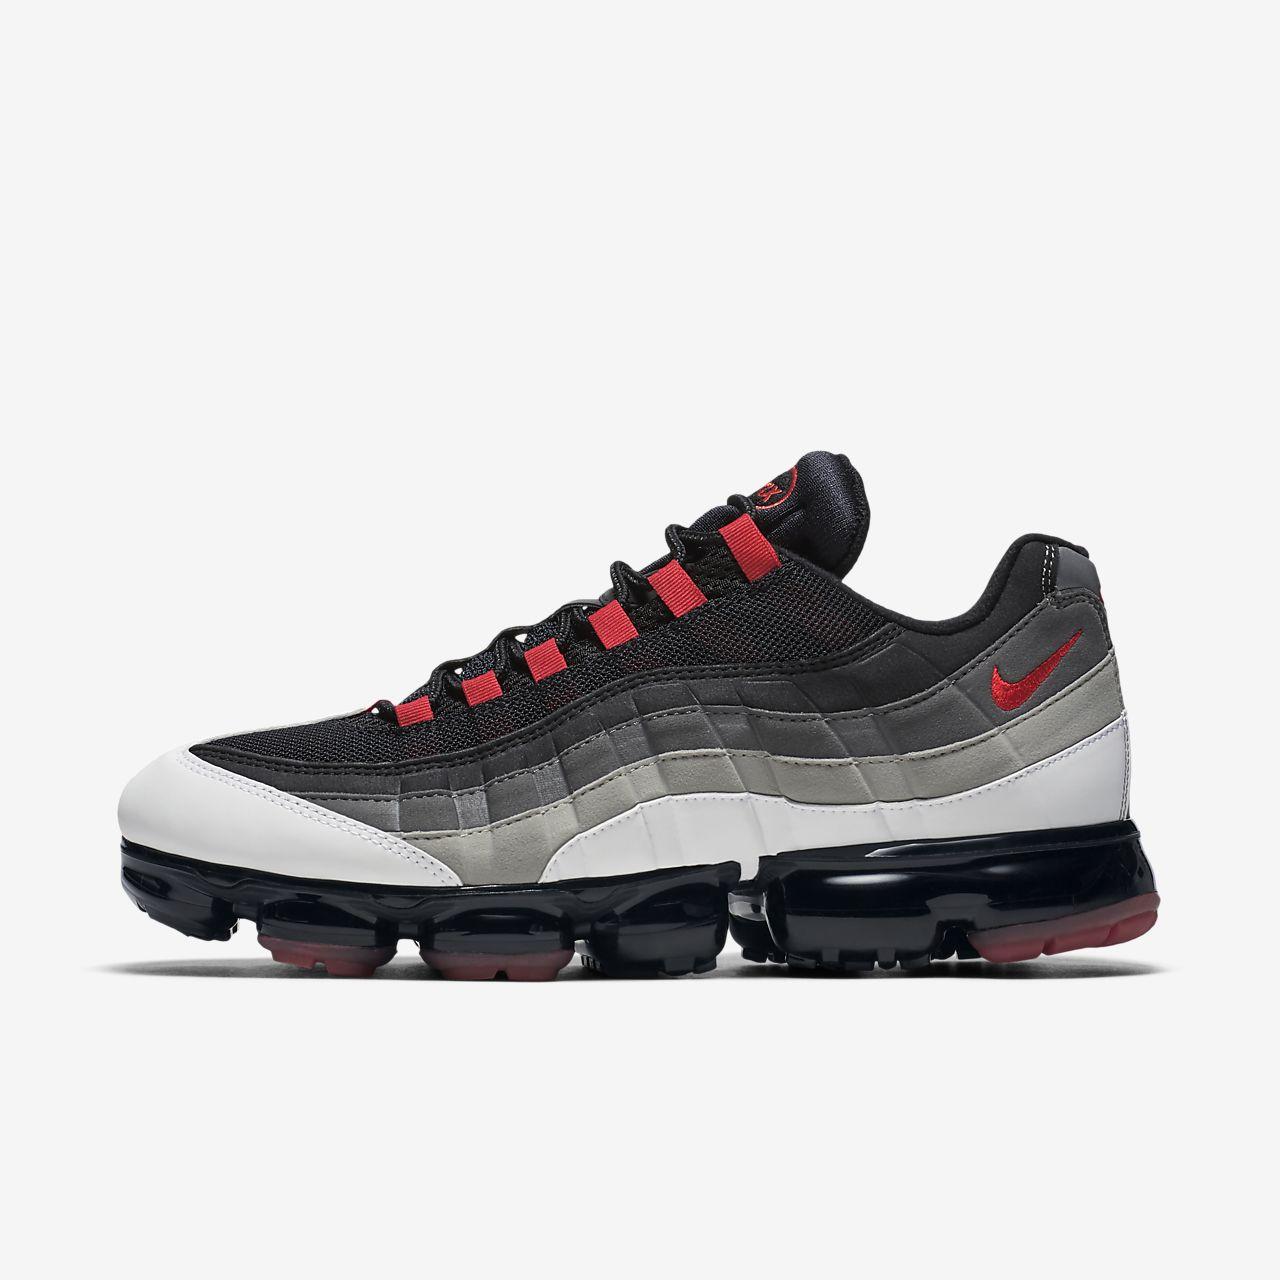 reputable site 926c9 1f1fa ... Nike Air VaporMax 95 sko til herre